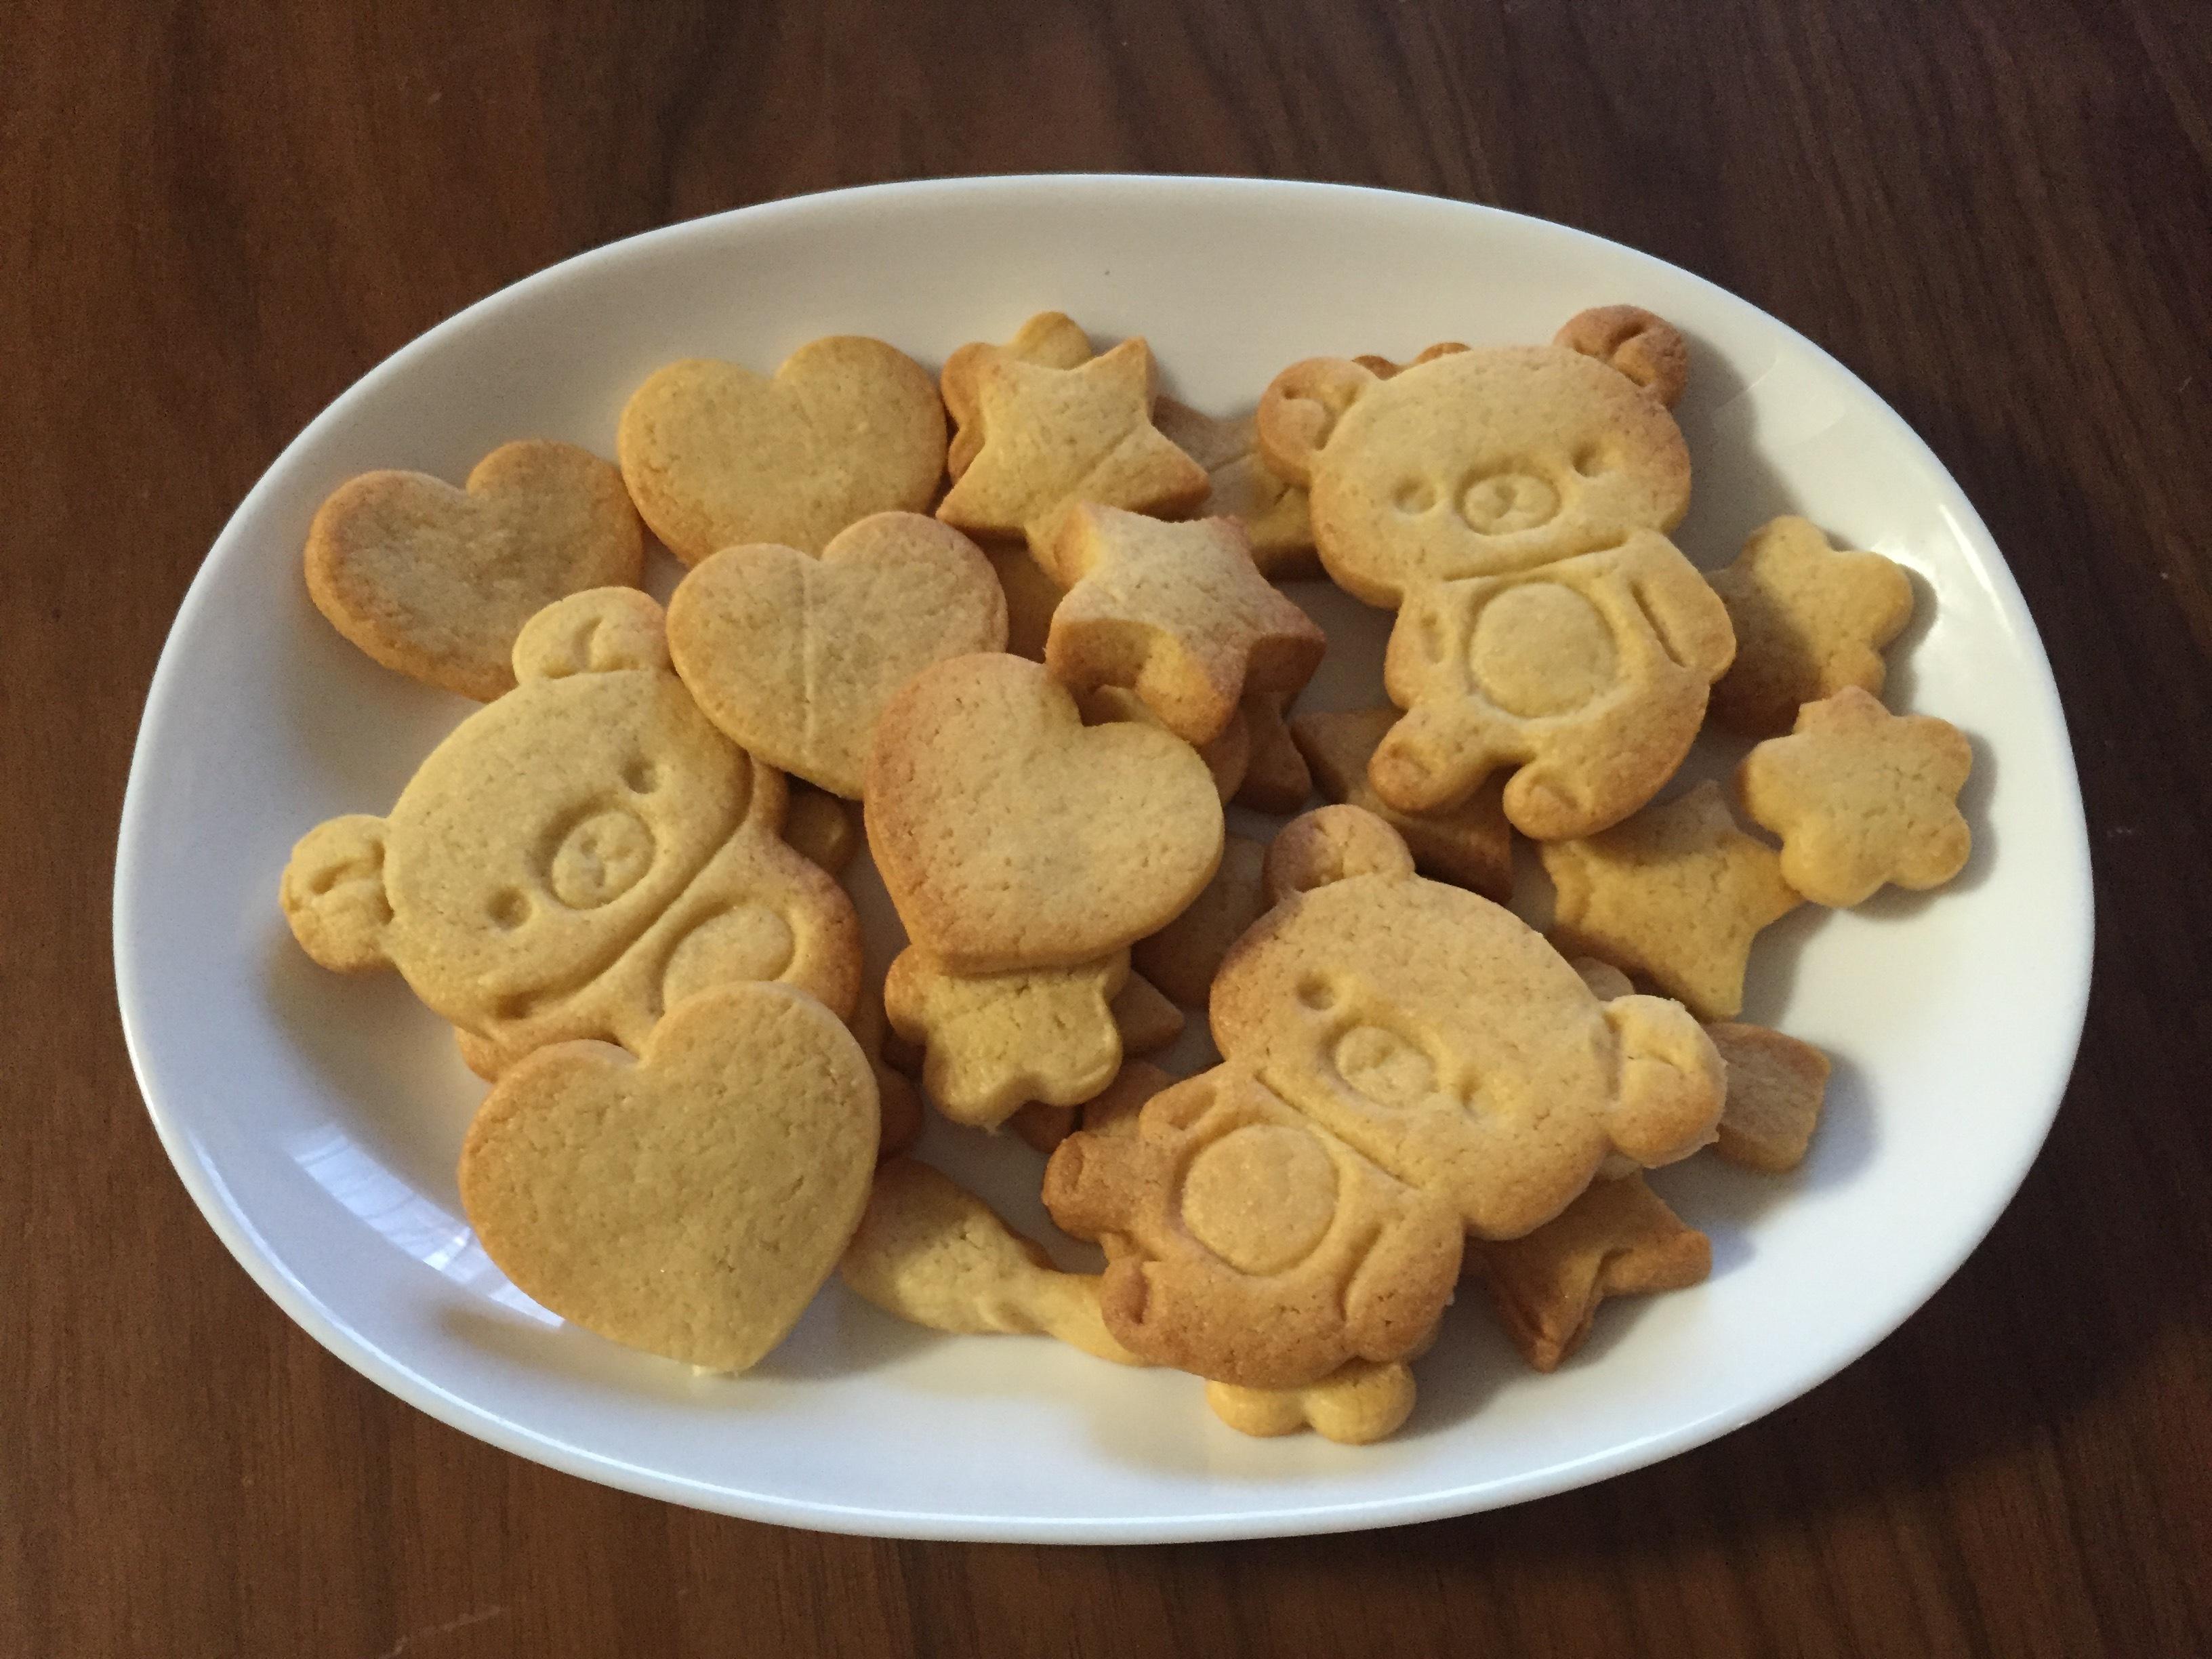 加減 クッキー 焼き 砂糖の違いによるクッキーの焼き上がり